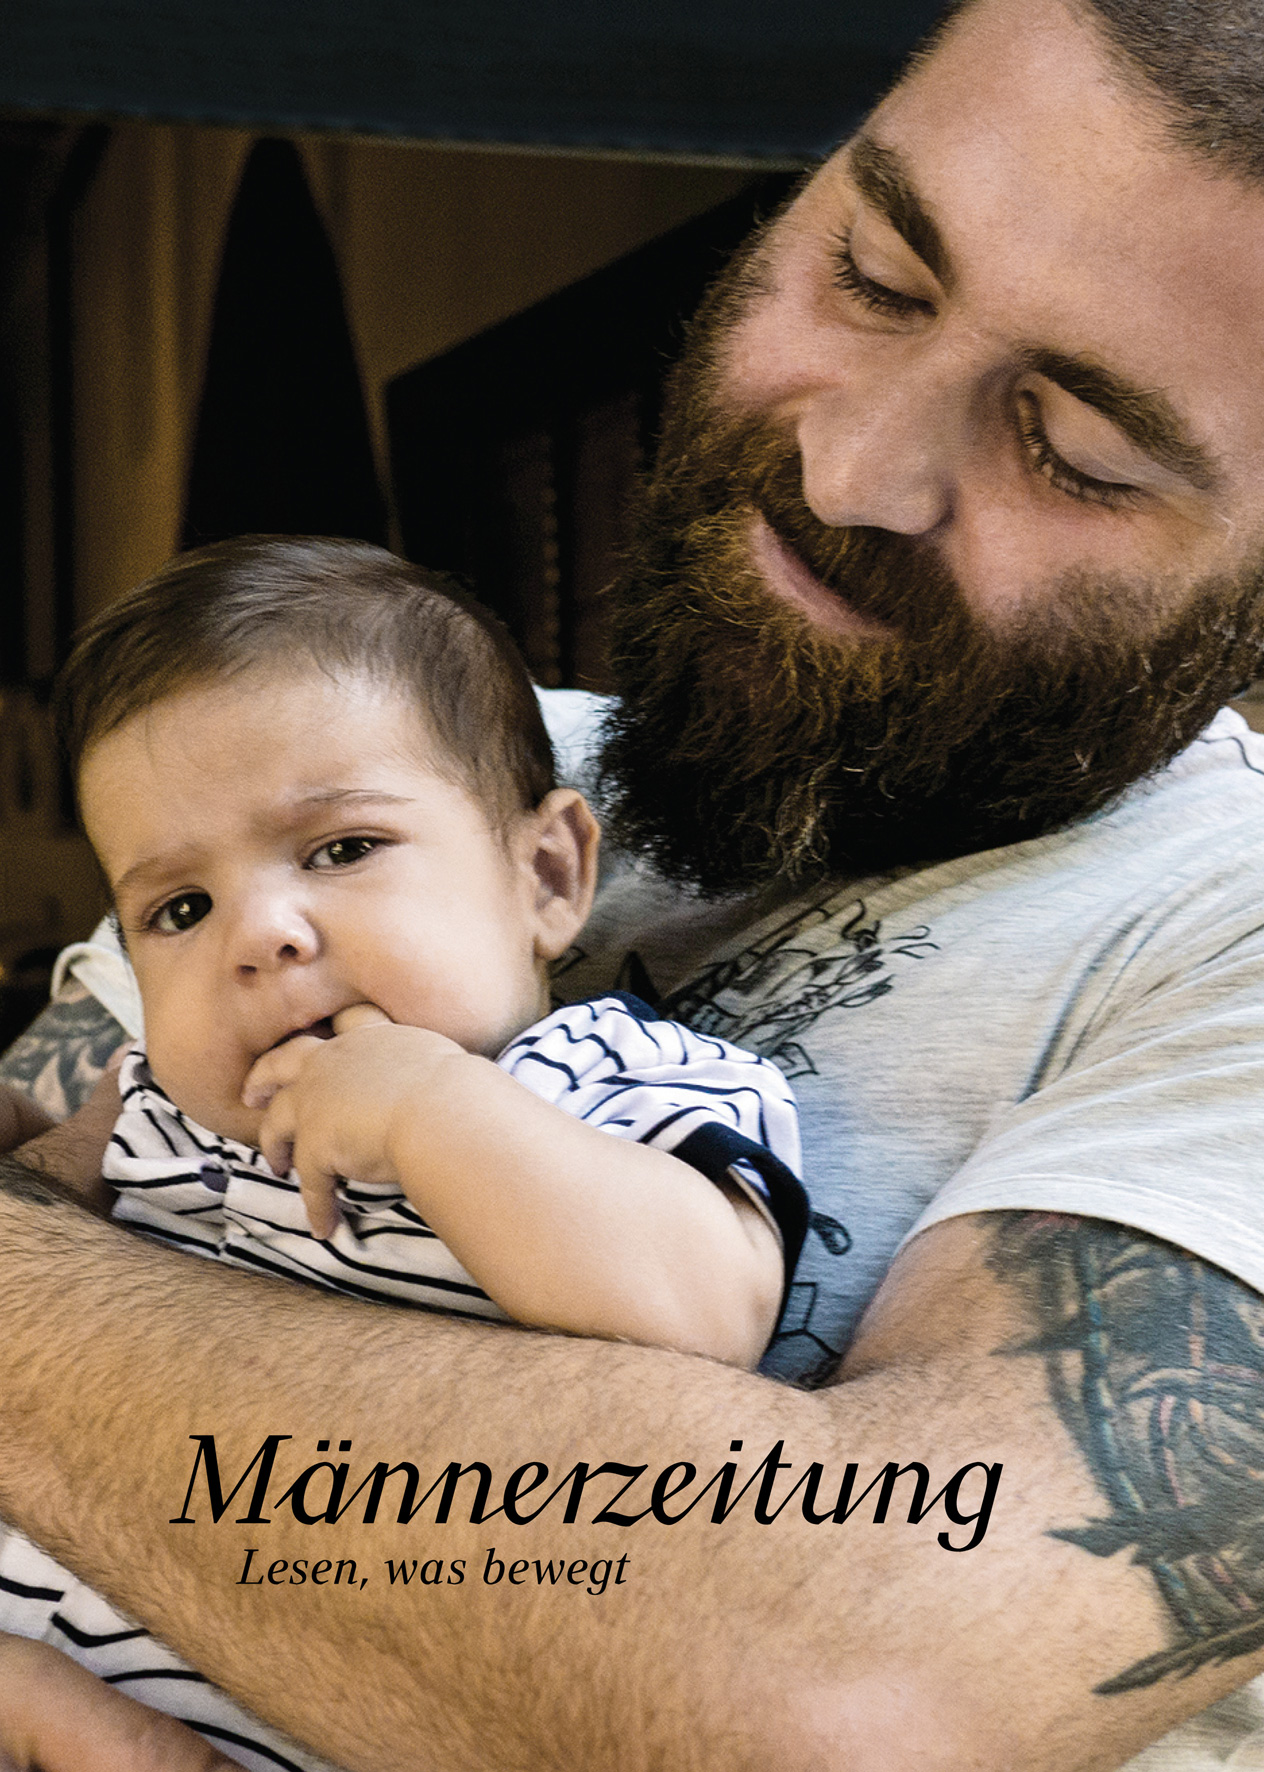 Werbekarte Männerzeitung Vater und Kind